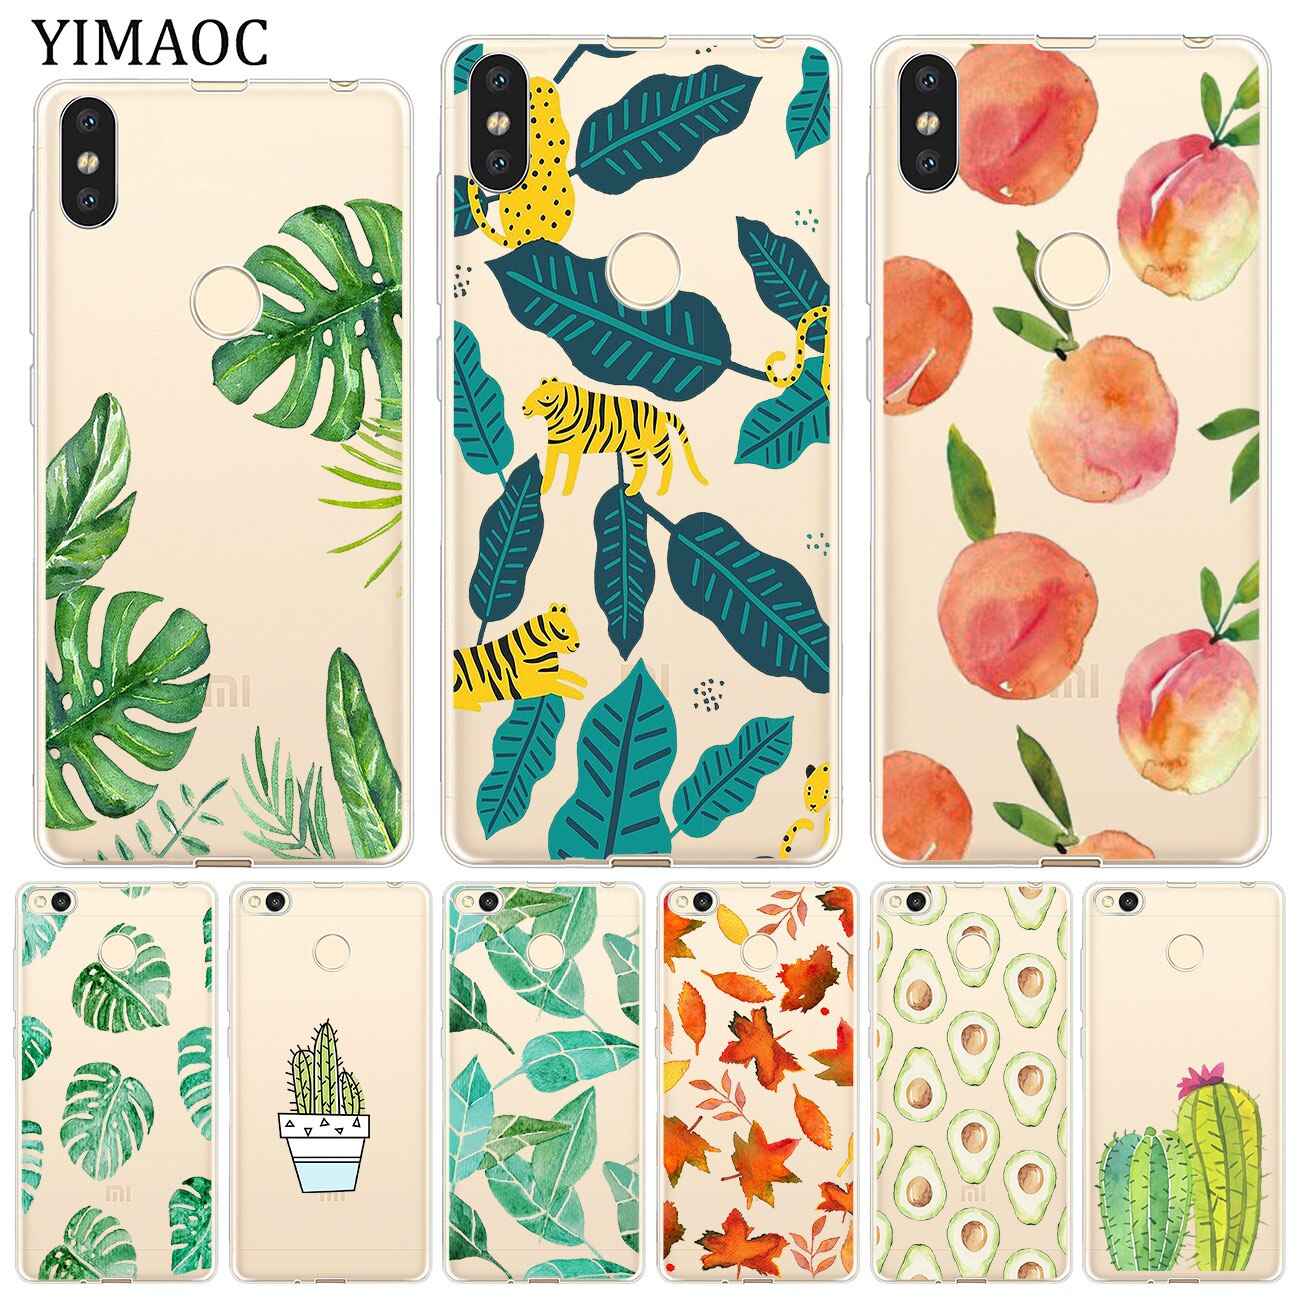 YIMAOC Tropical Succulents Leaves Soft Case for Xiaomi Mi 9 9T CC9 CC9E A3 Pro 8 SE A2 Lite A1 MiX 2